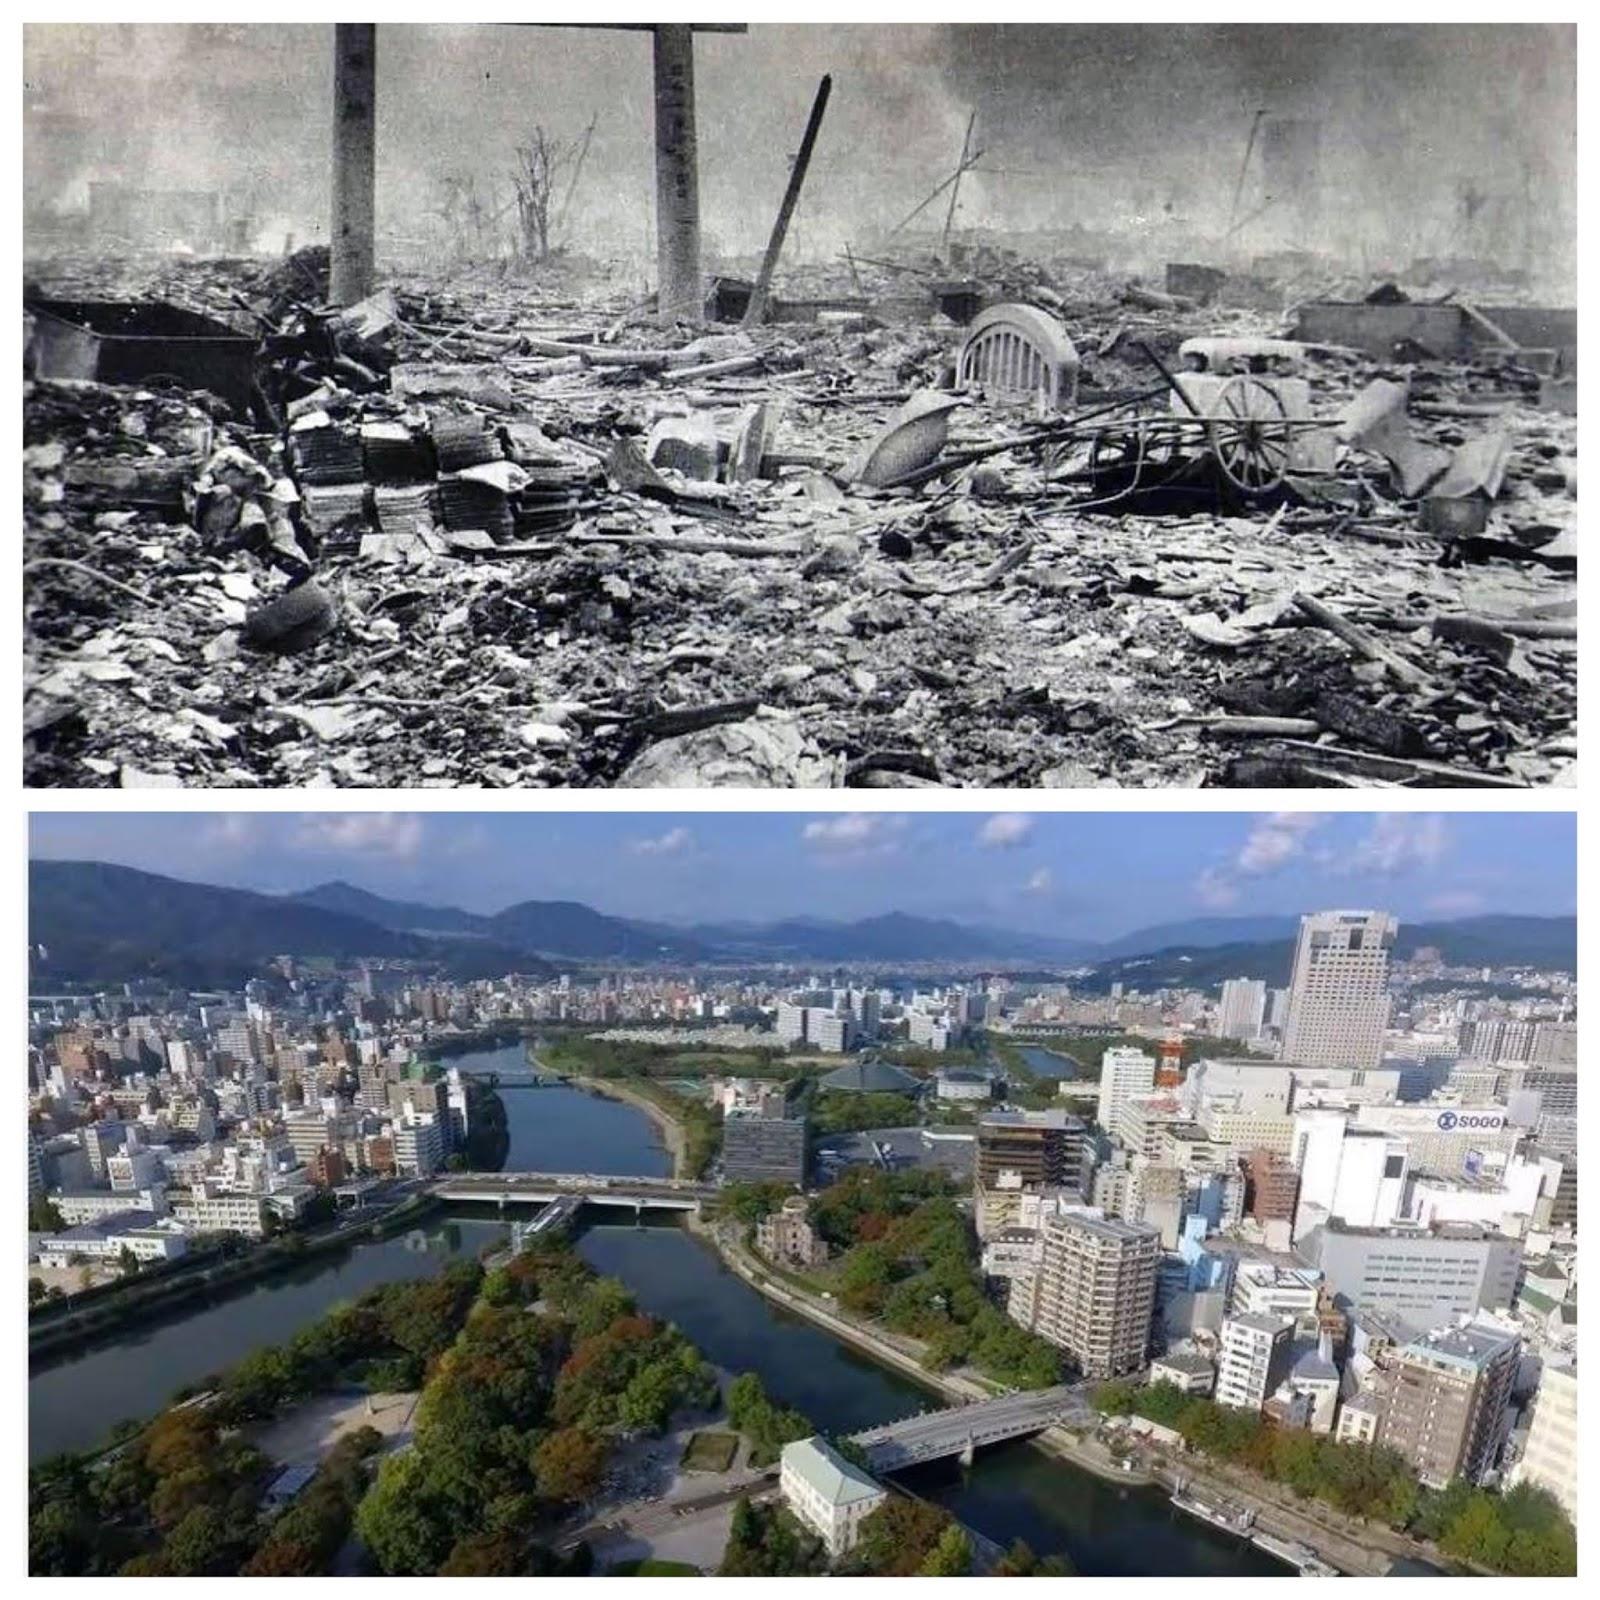 不死鳥のように蘇る日本、未来に向けて自虐からの脱出広島の被爆、復興の写真がアラビア語圏の人々を感銘させた!・・・